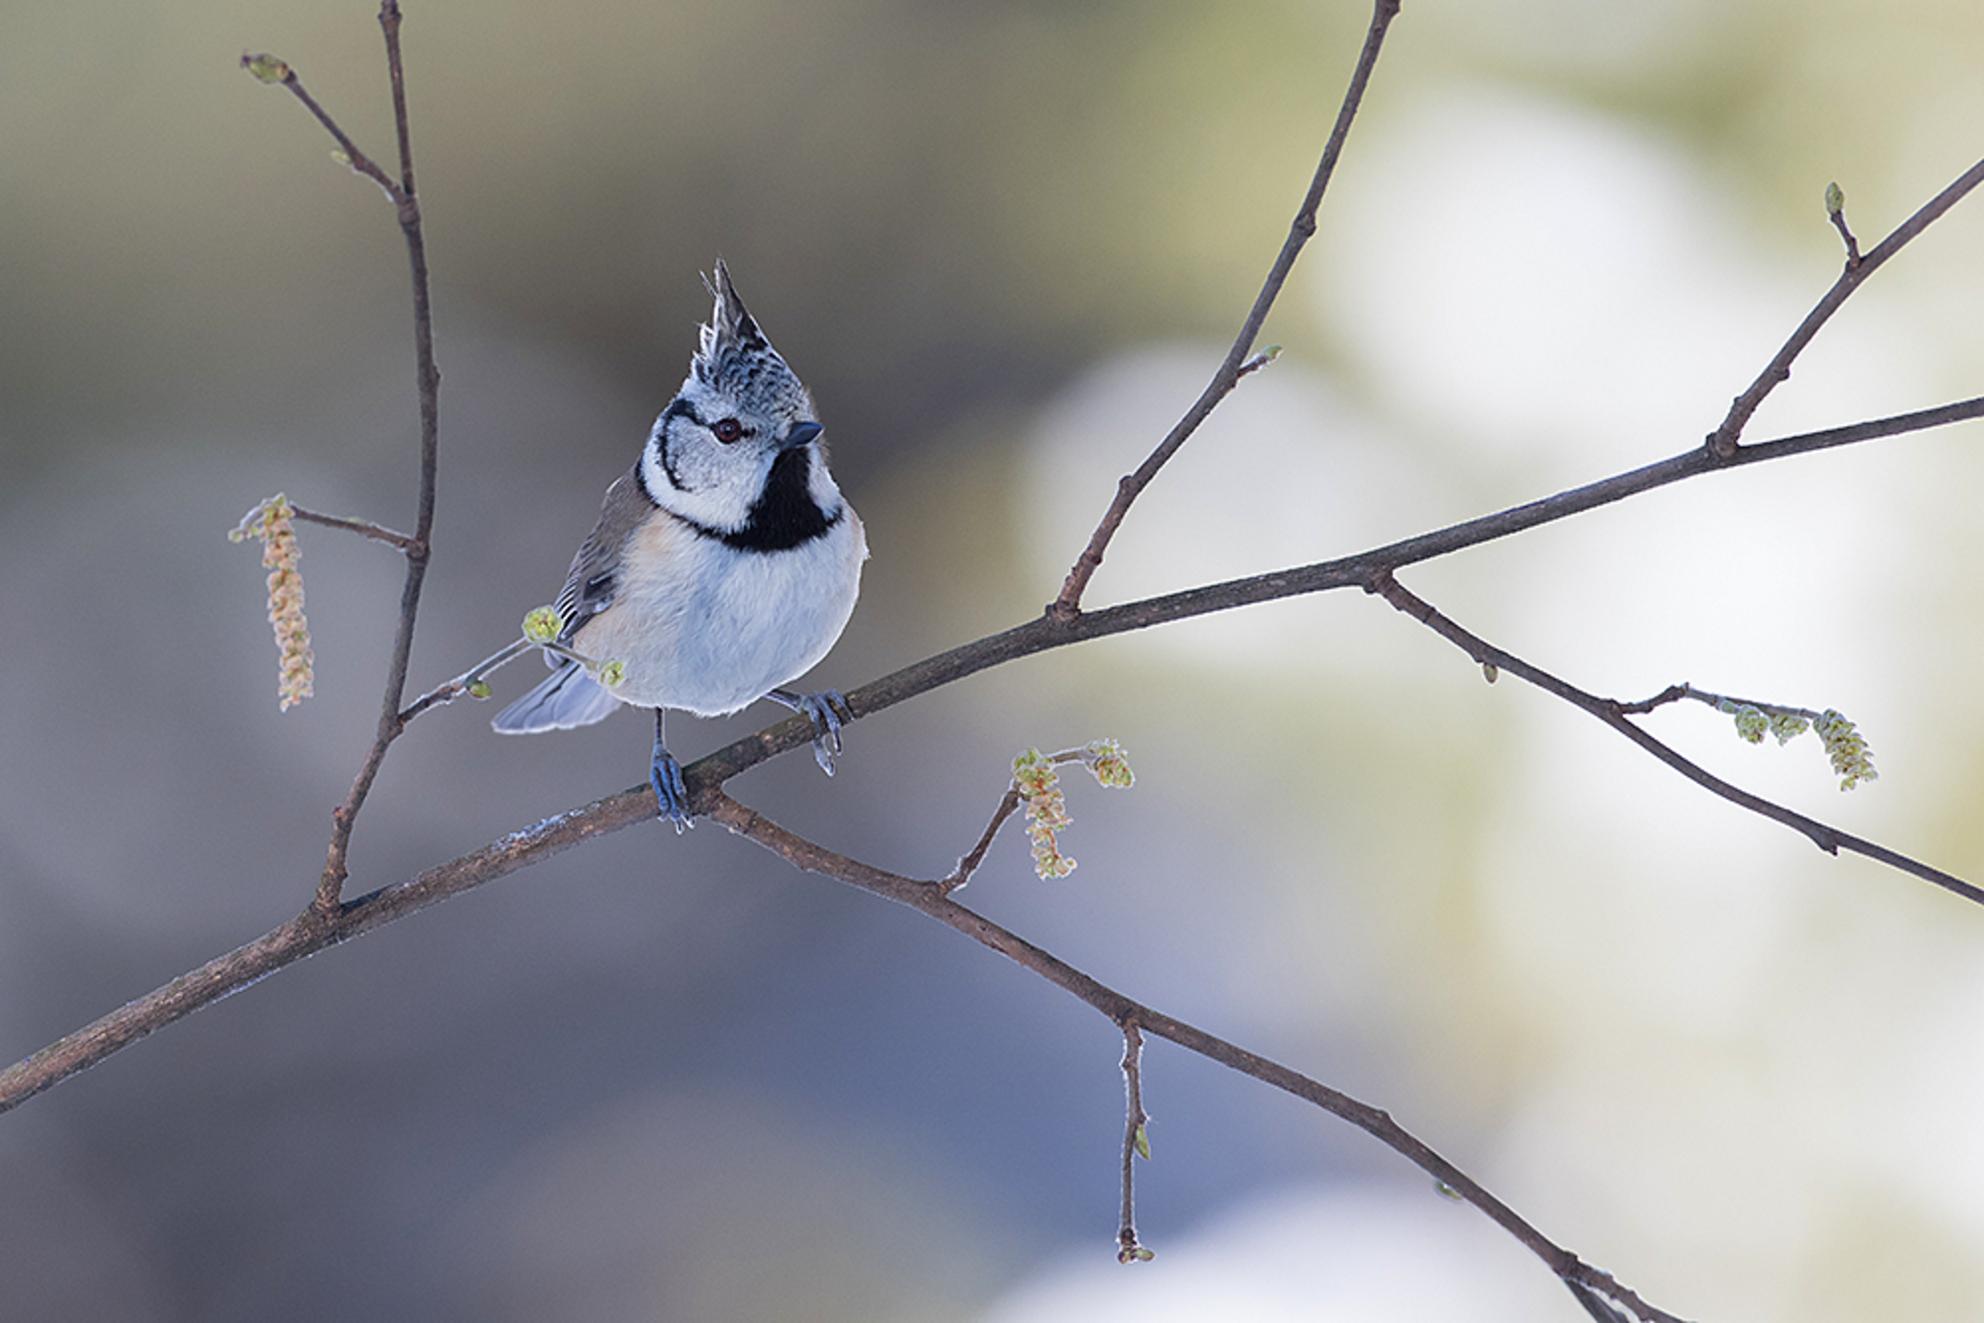 Kuifmees - Vorige week deze Kuifmees kunnen fotograferen met -12 graden, door de prachtige omstandigheden van sneeuw en licht, vergeet je de kou. Wat was het ge - foto door tom kruissink op 19-02-2021 - deze foto bevat: natuur, bruin, licht, sneeuw, winter, vogel, dier, koud, mees, kuifmees, vorst, wildlife, wilg, beige, bokeh, zangvogel, snotterbel - Deze foto mag gebruikt worden in een Zoom.nl publicatie